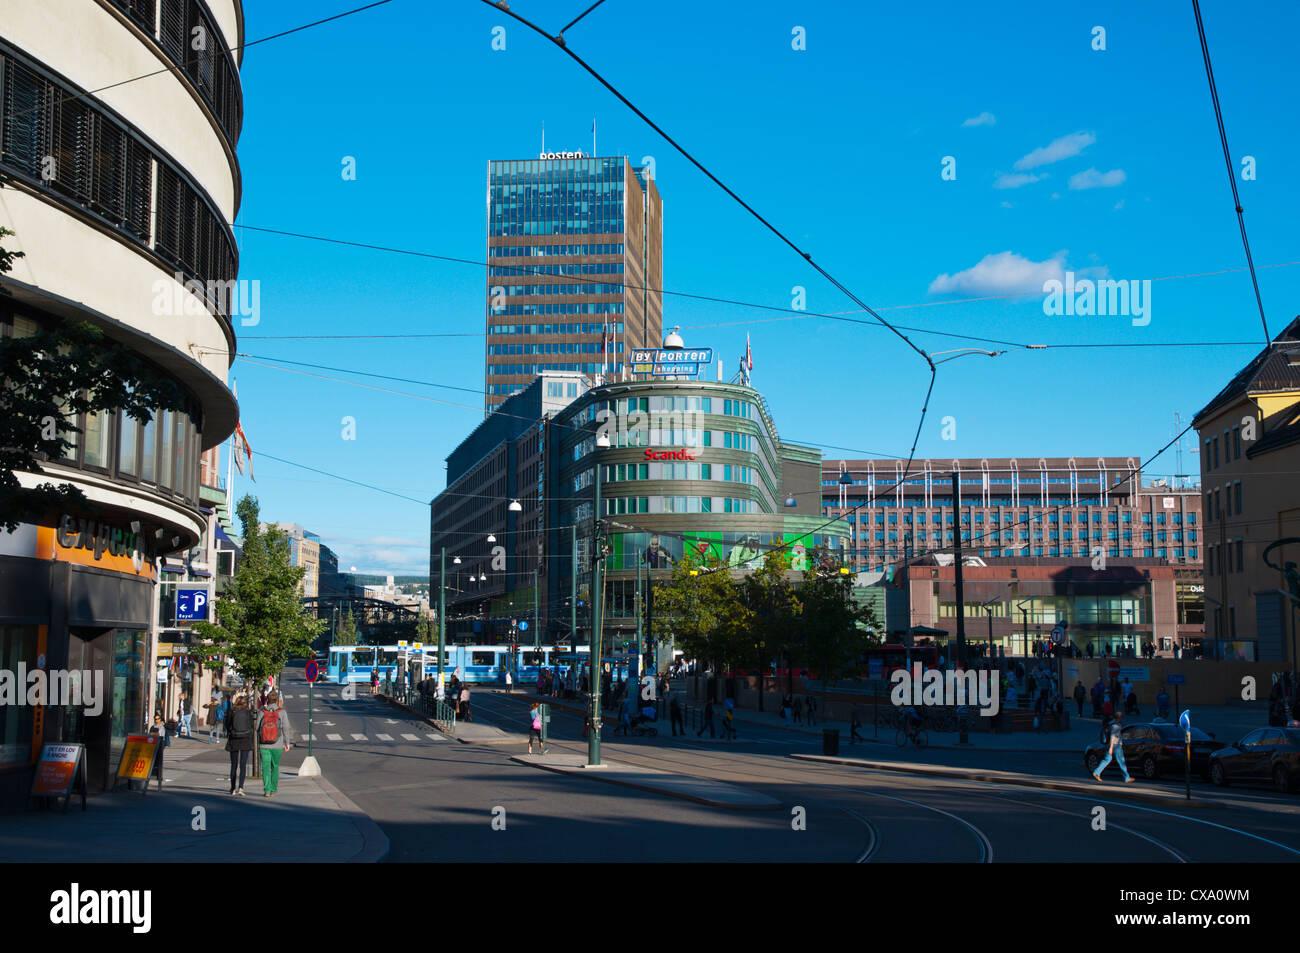 Biskop Gunnerus Gate street Hammersborg district Sentrum central Oslo Norway Europe - Stock Image